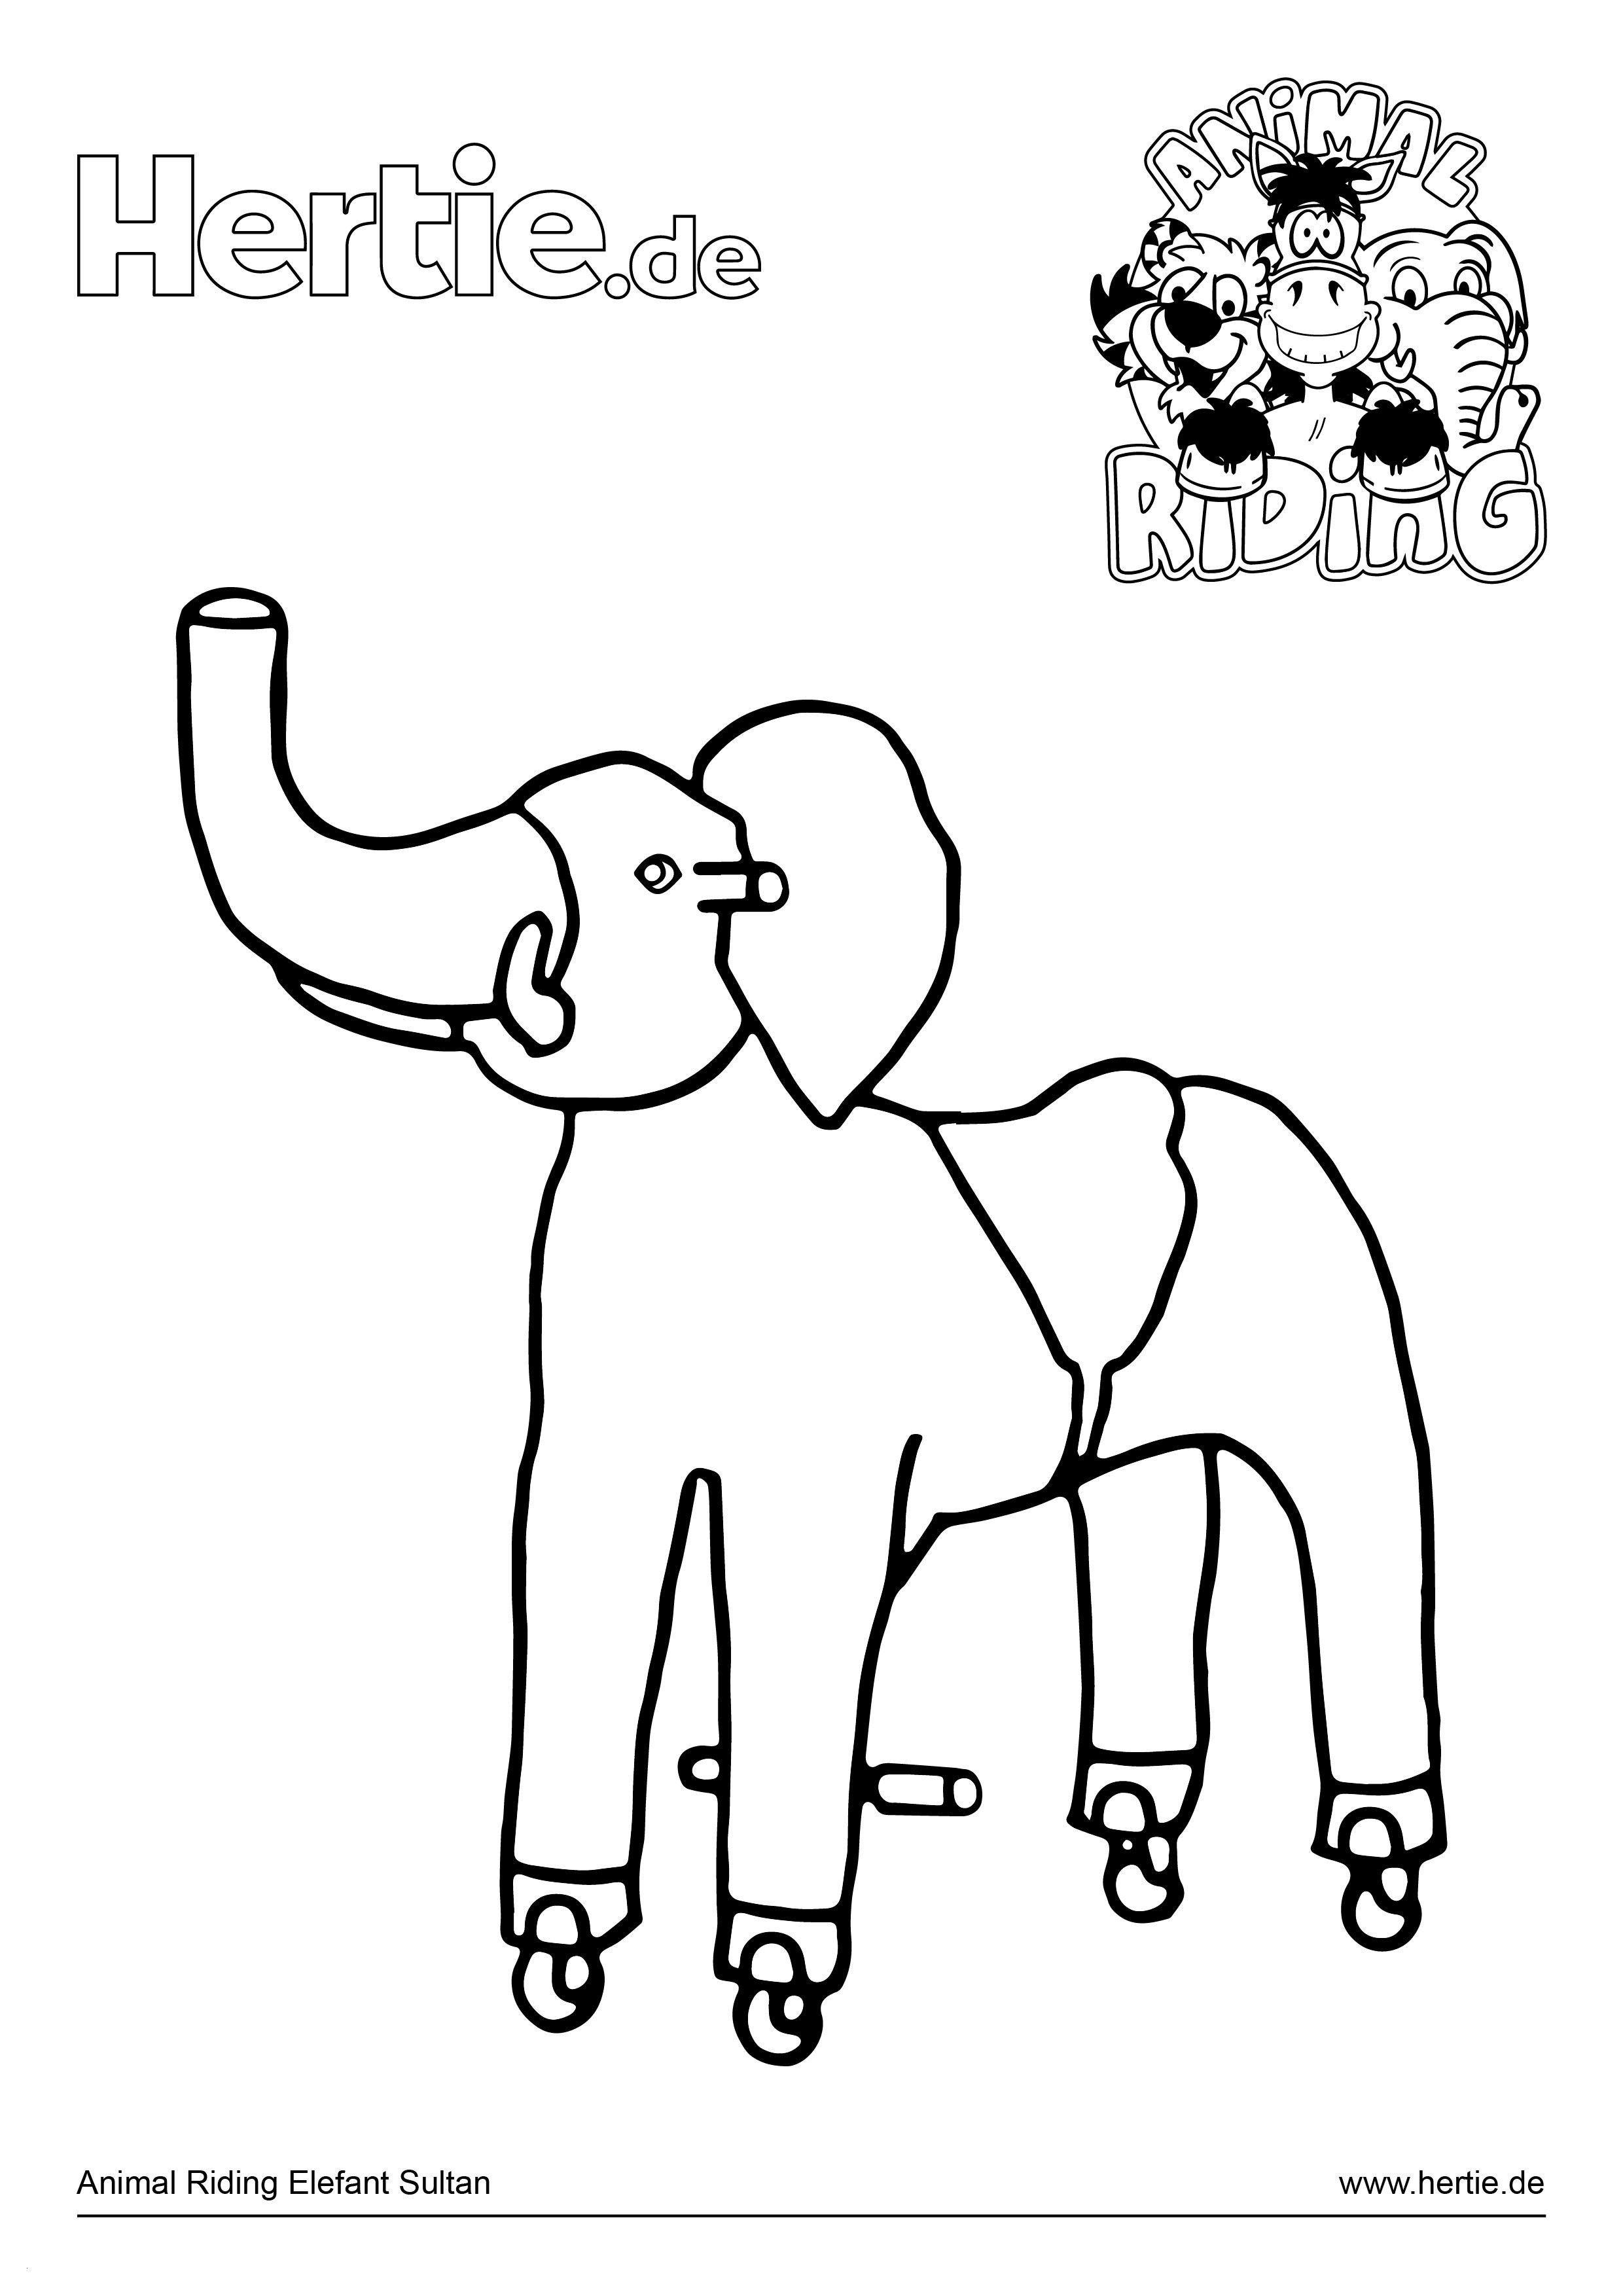 Malvorlagen Filly Einzigartig Elefant Zum Ausdrucken Free Elephant Zentangle Download E9dx Fotografieren